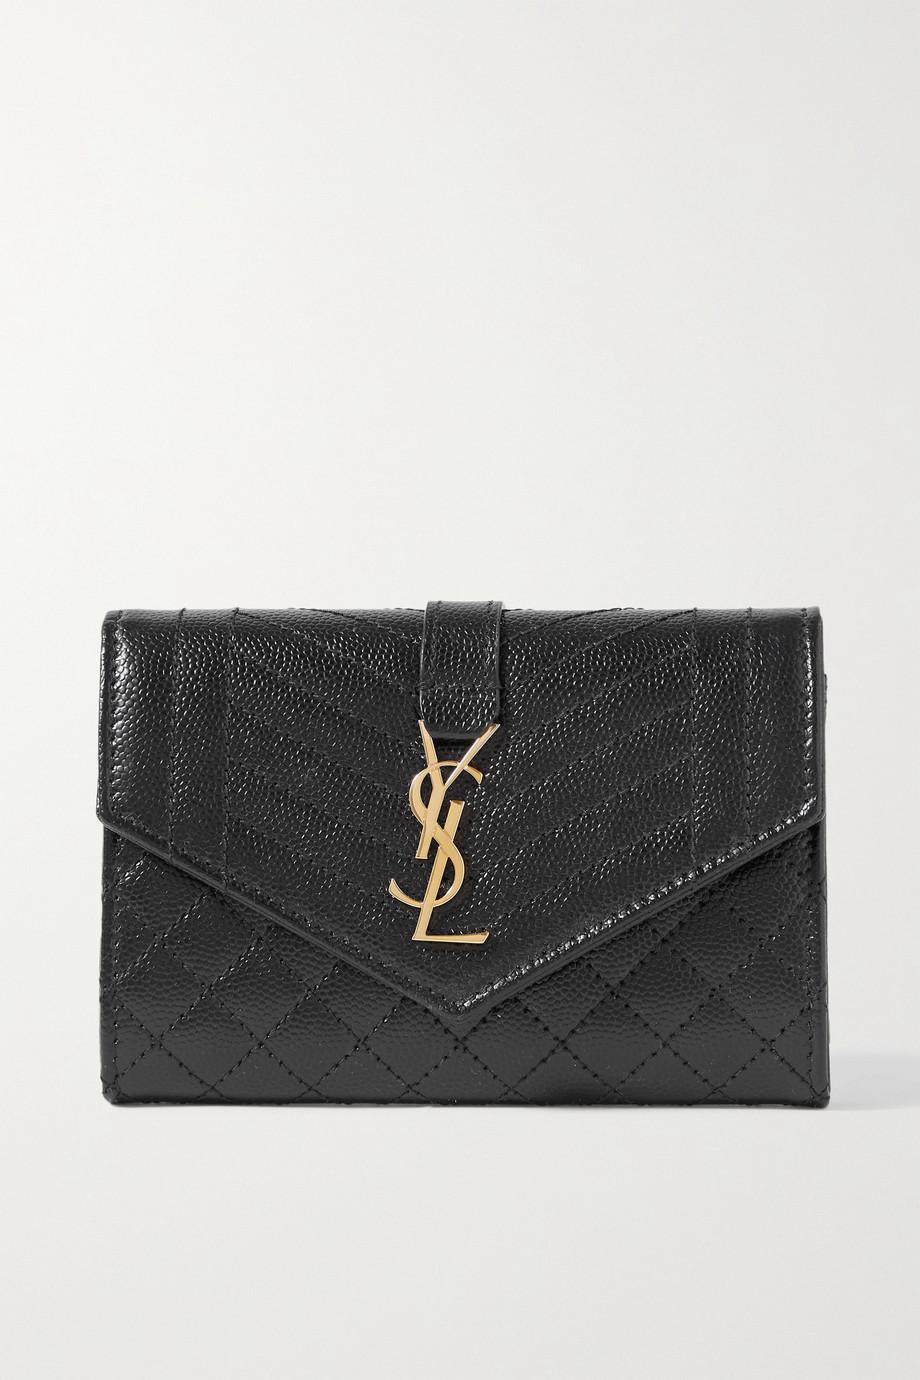 SAINT LAURENT Portefeuille en cuir texturé matelassé Envelope